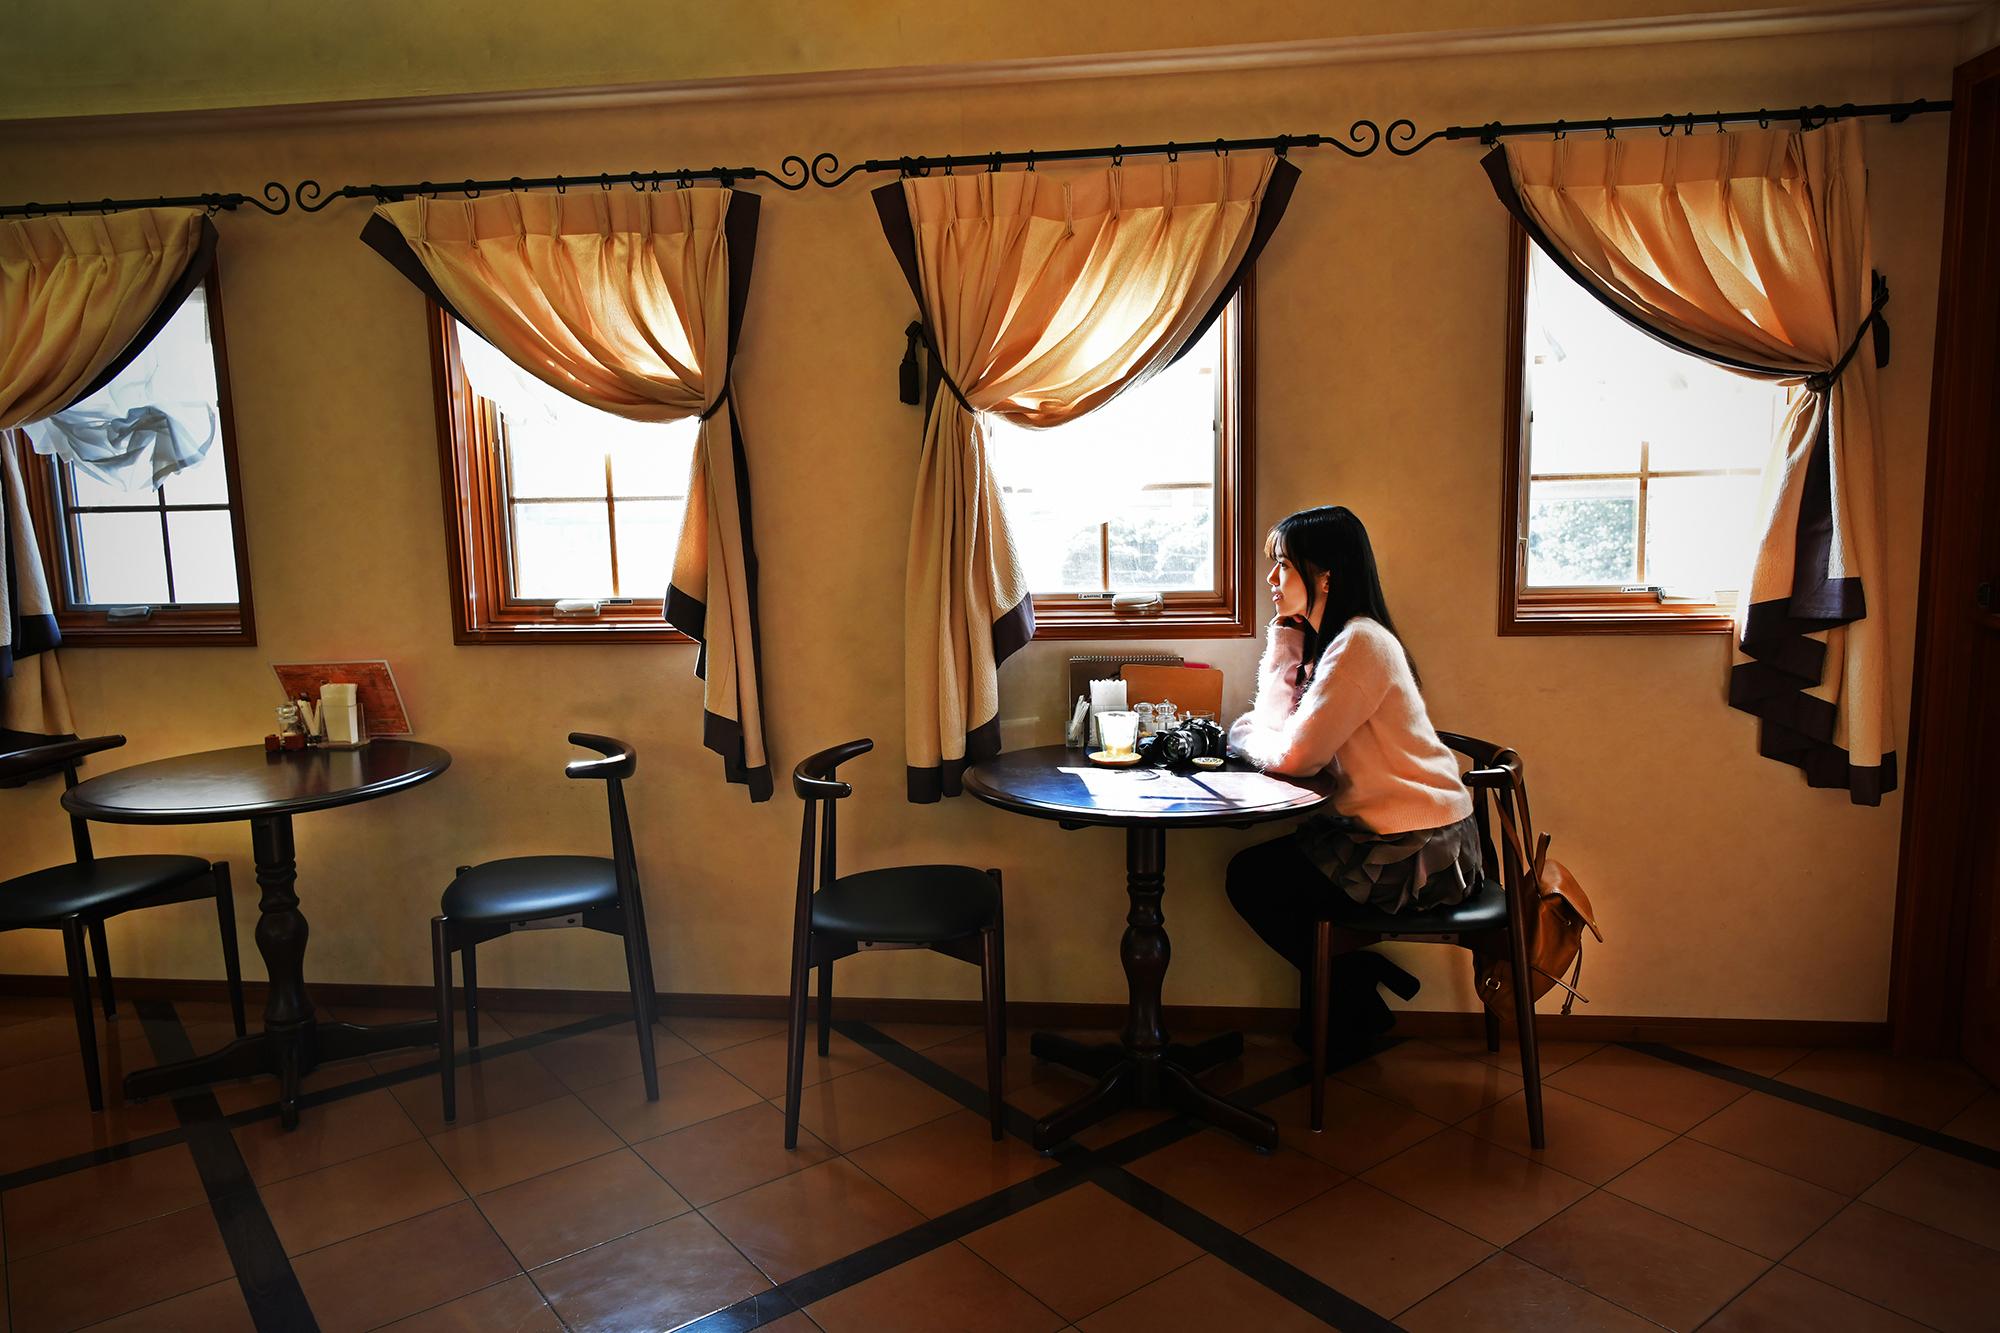 西鎌倉(前編)~ アンチエイジングカフェで優しい冬の光を楽しむ ~